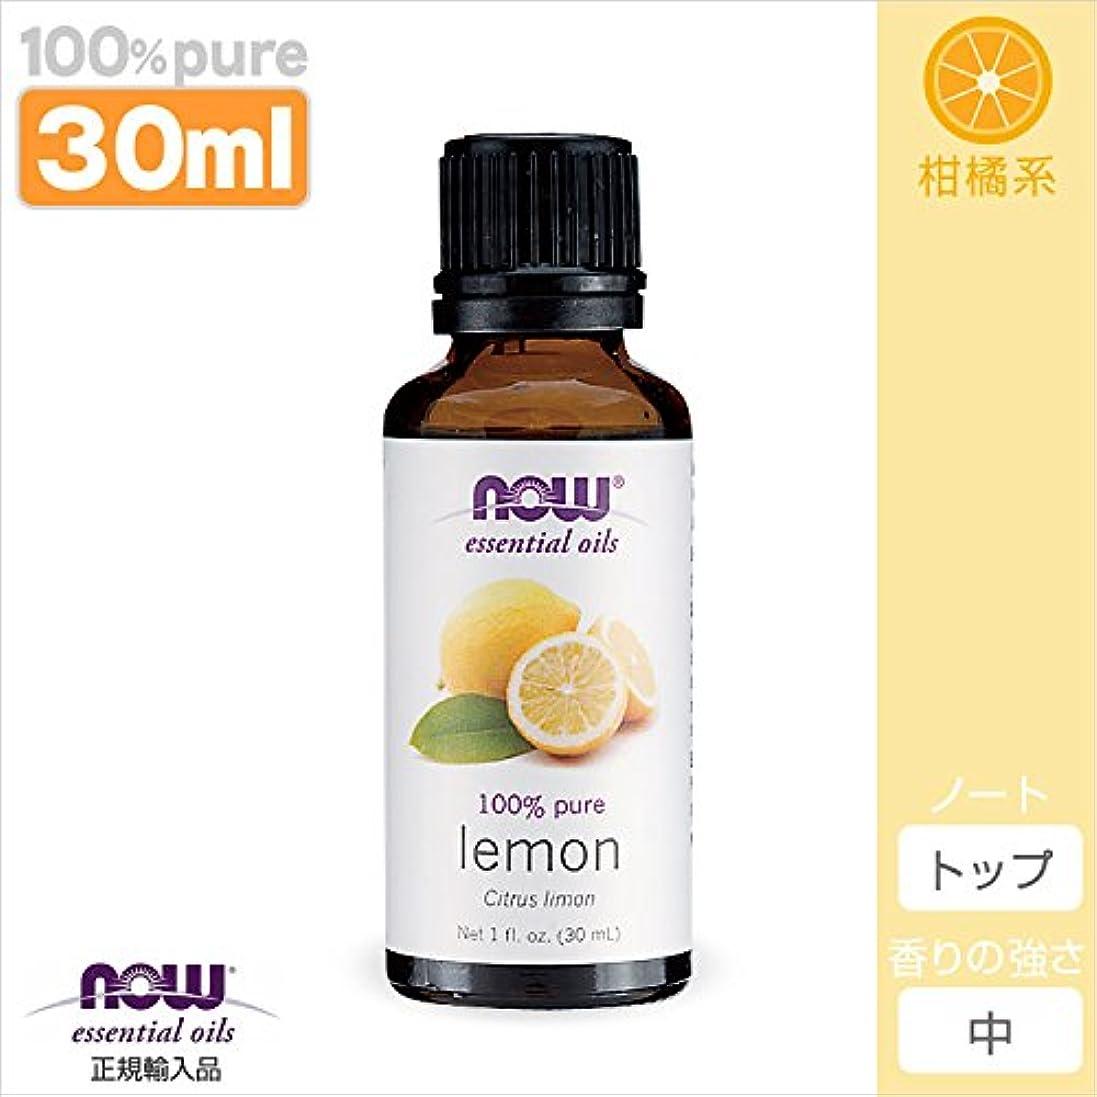 グリースドリンクフリッパーレモン 精油[30ml] 【正規輸入品】 NOWエッセンシャルオイル(アロマオイル)